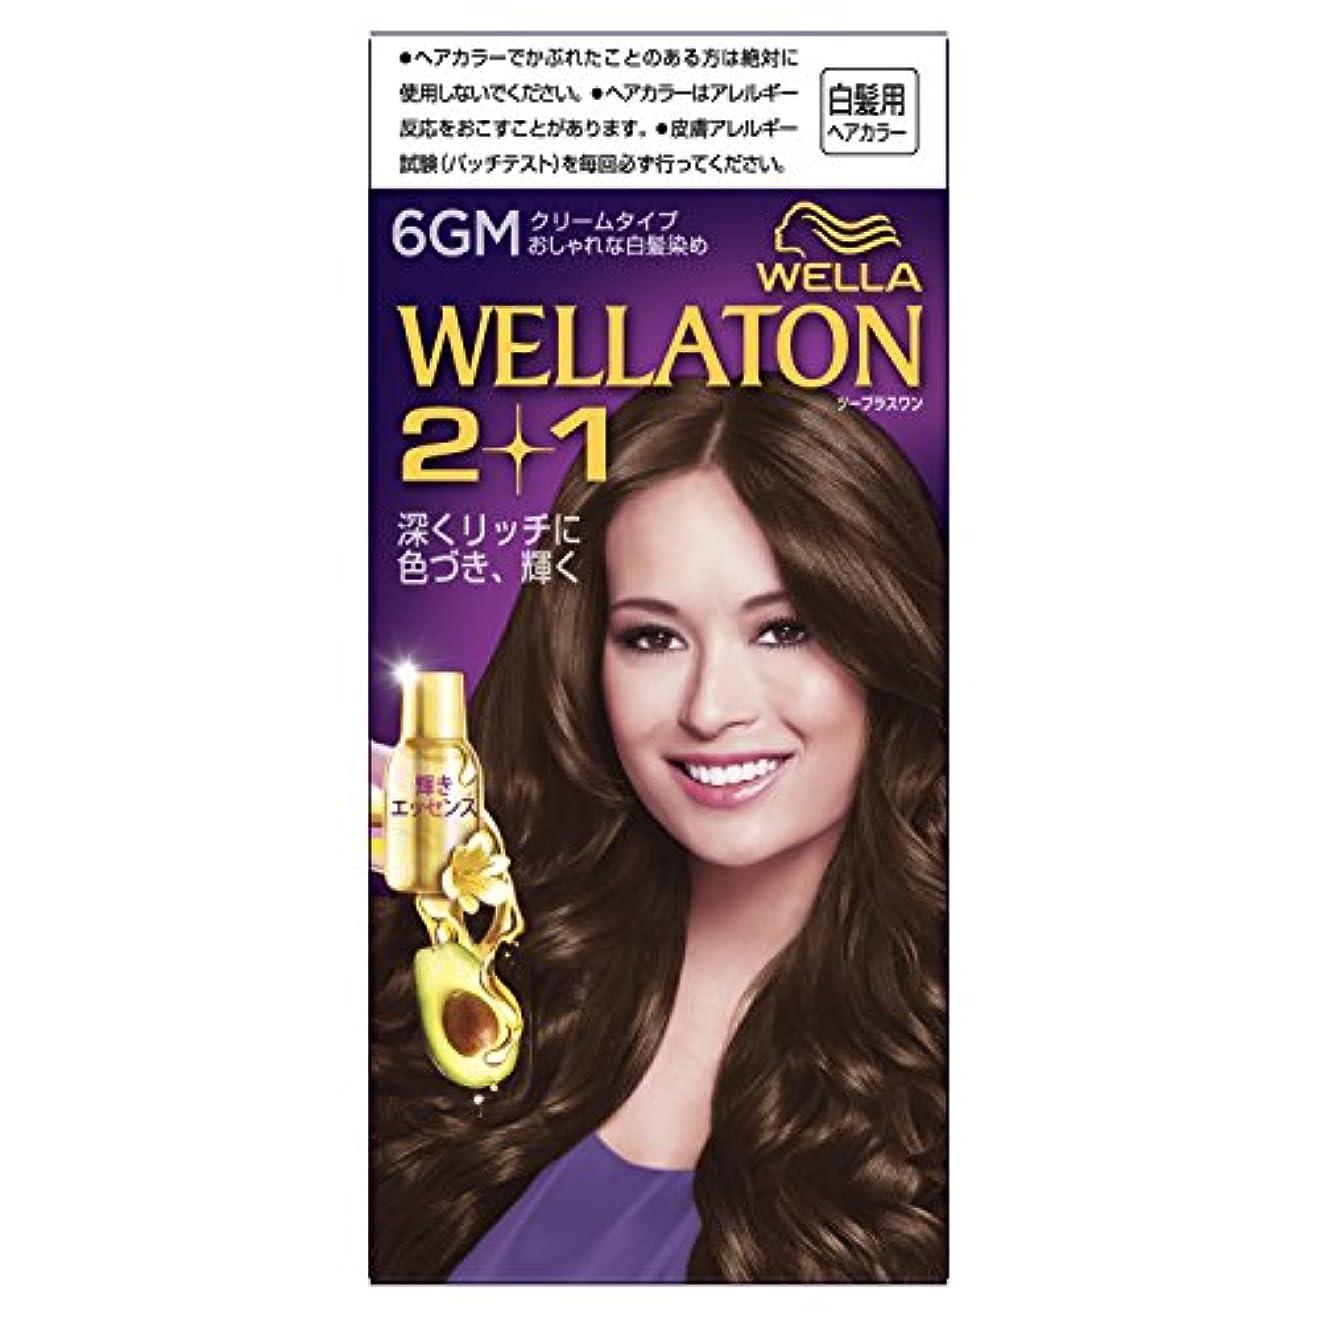 測る豊富な失ウエラトーン2+1 クリームタイプ 6GM [医薬部外品](おしゃれな白髪染め)